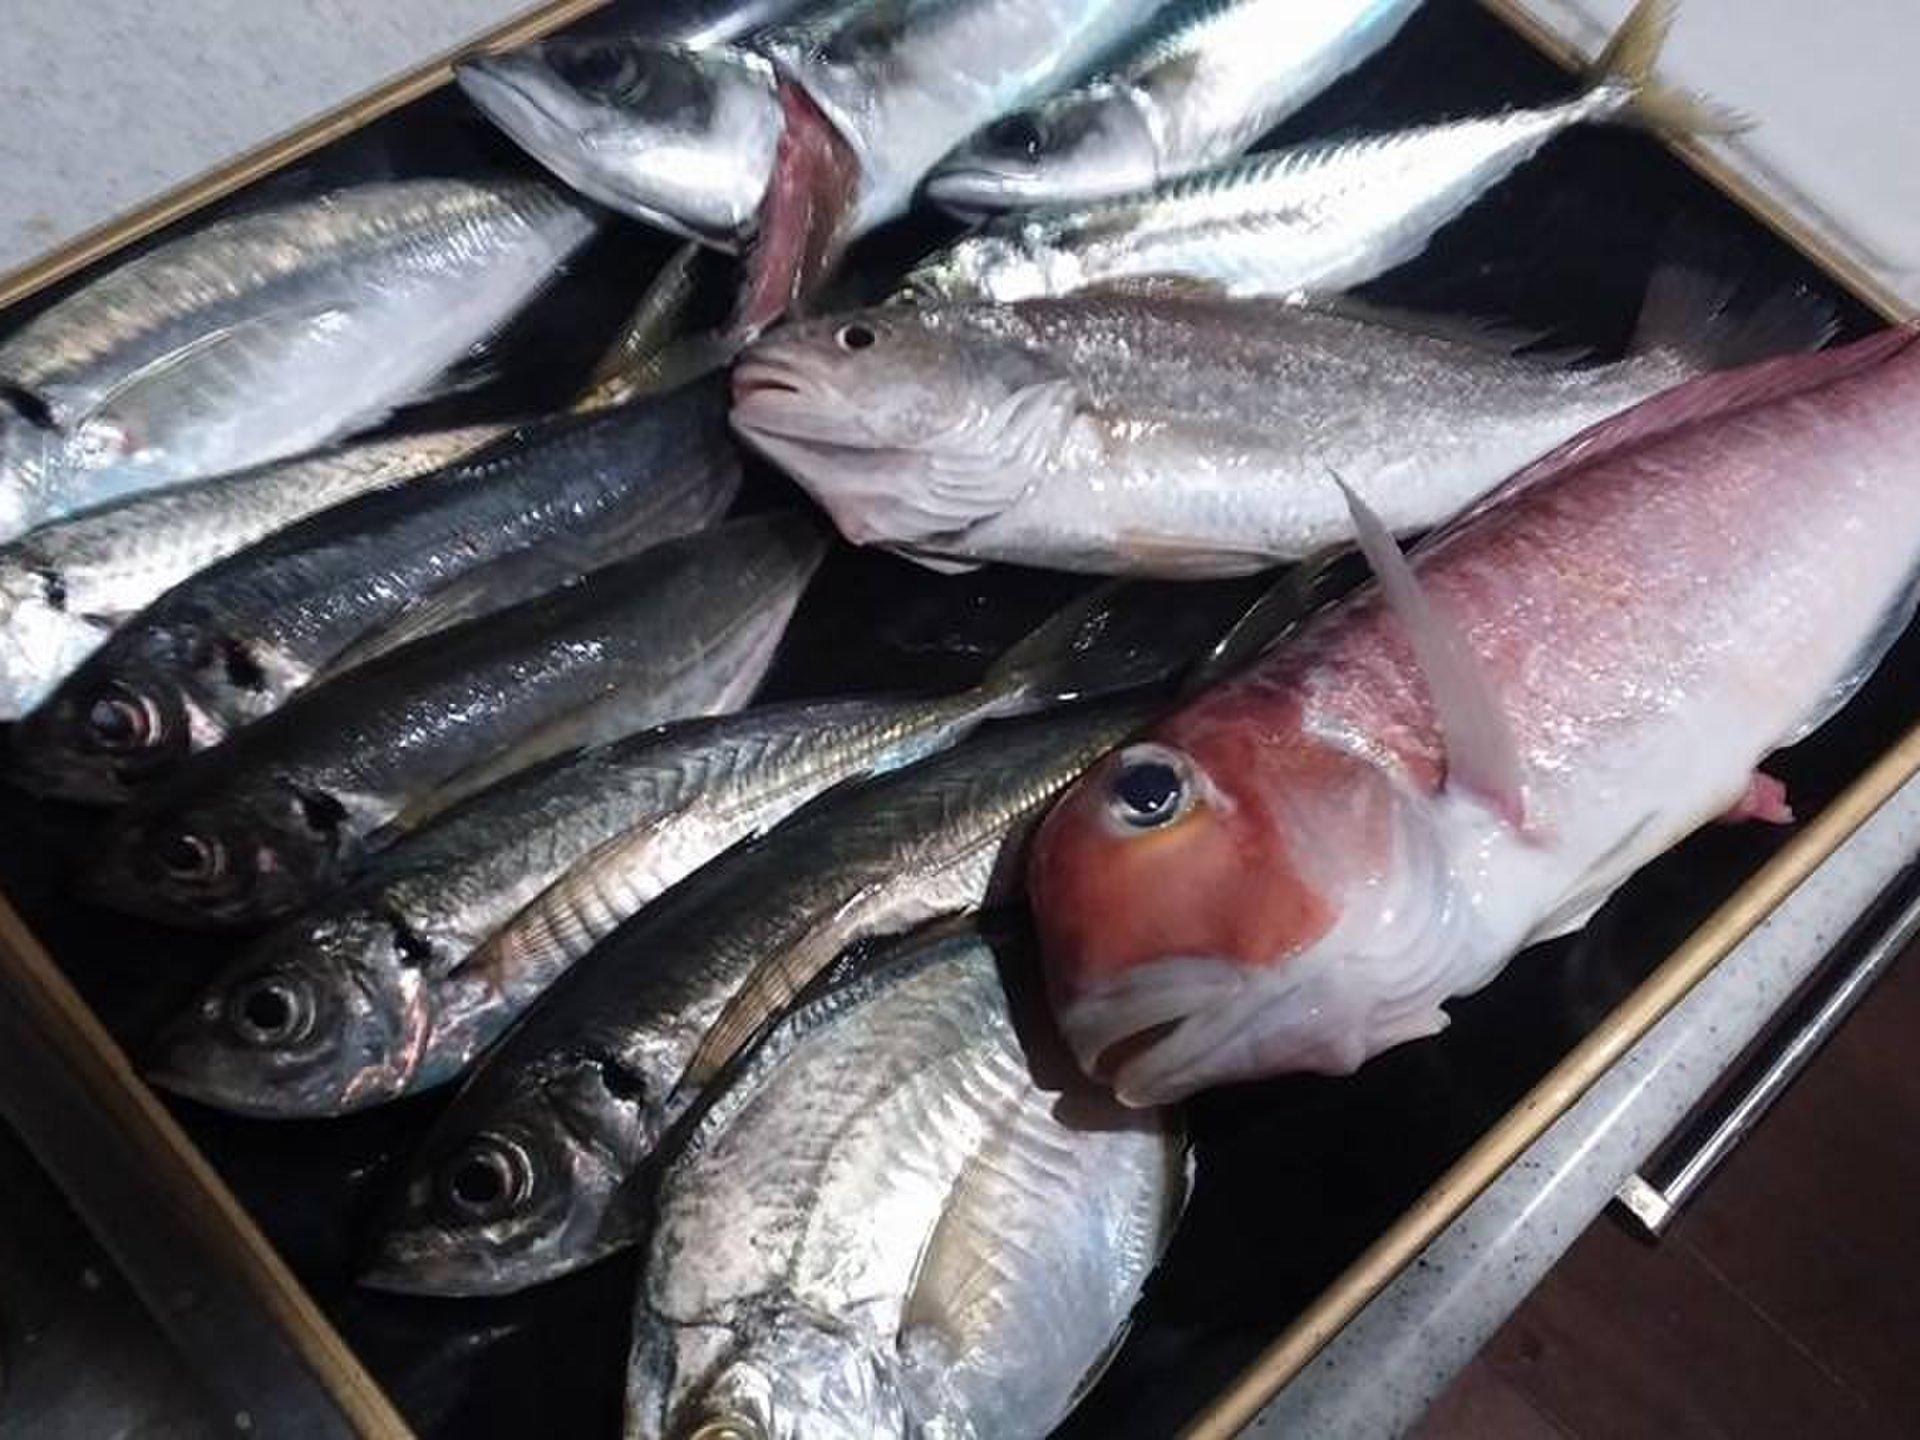 【天然高級魚でホームパーティ】金沢八景・忠彦丸の「沖のライトウィリー五目」という船釣りが密かにアツい